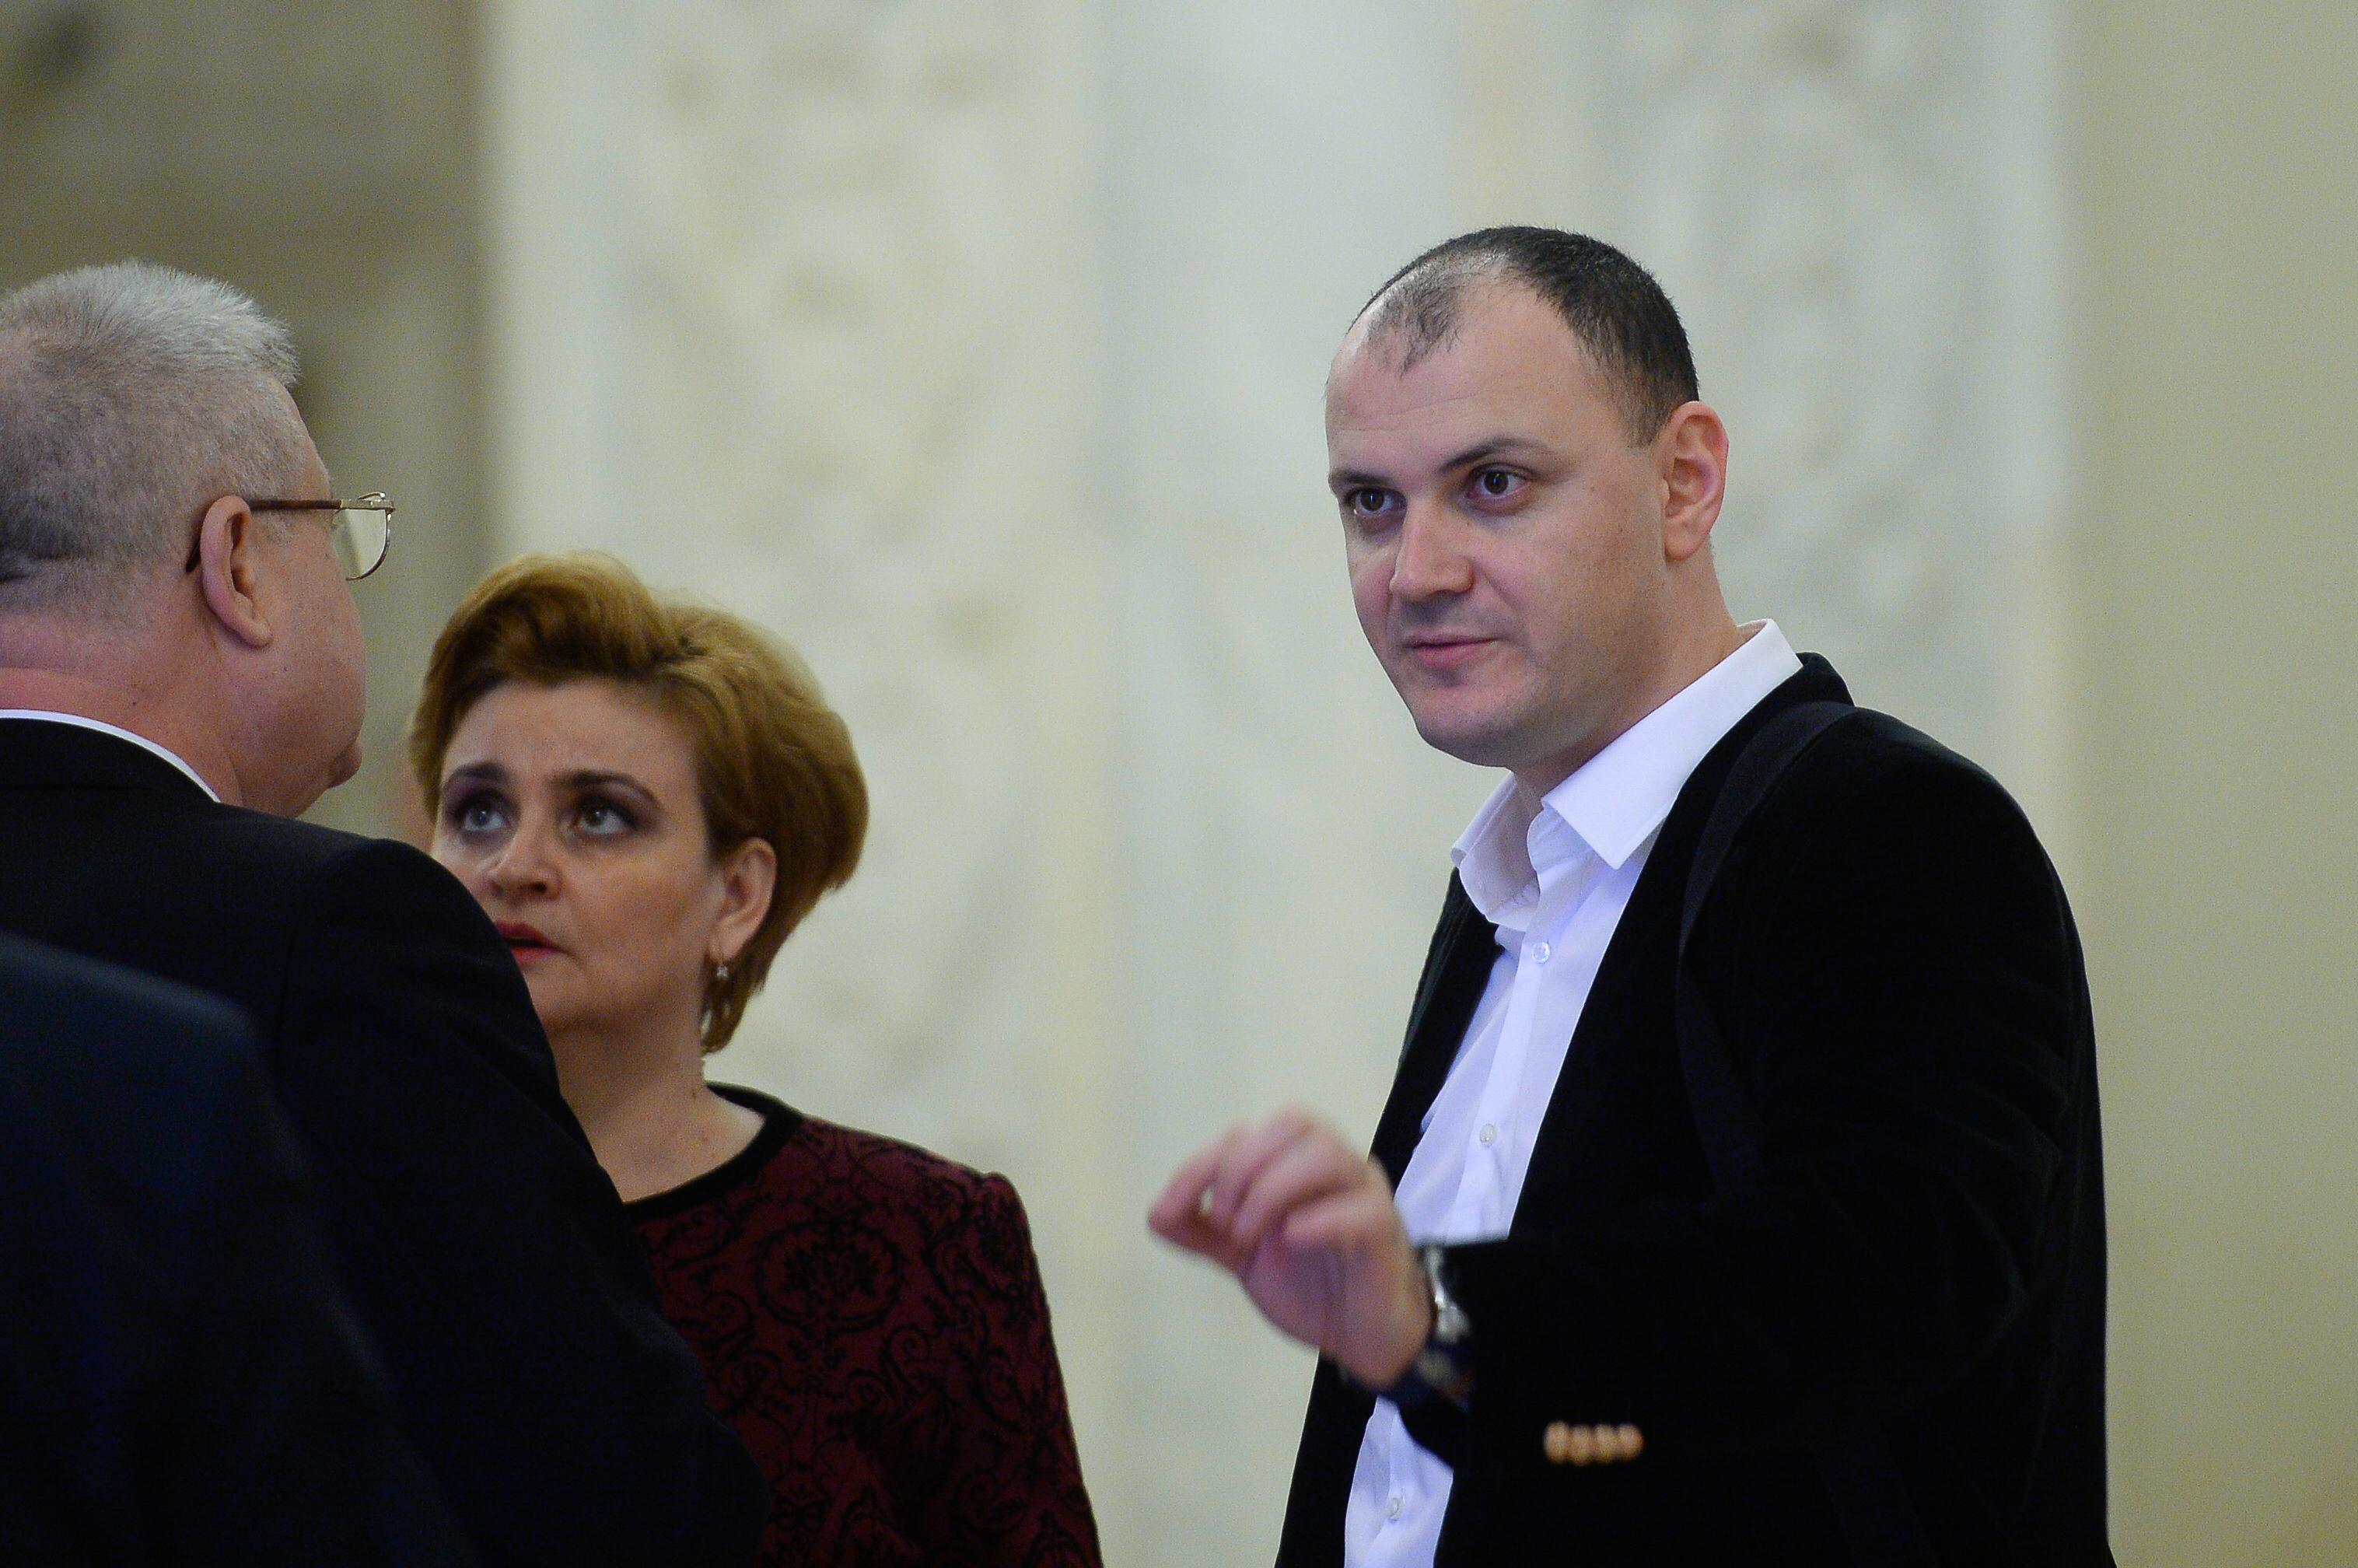 Sebastian Ghita reclama un abuz al DNA asupra lui. Scrisoarea trimisa Camerei Deputatilor: ,,Este un evident atac la valorile democratice ale statului. Decizia DNA este extrem de grava si neconstitutionala